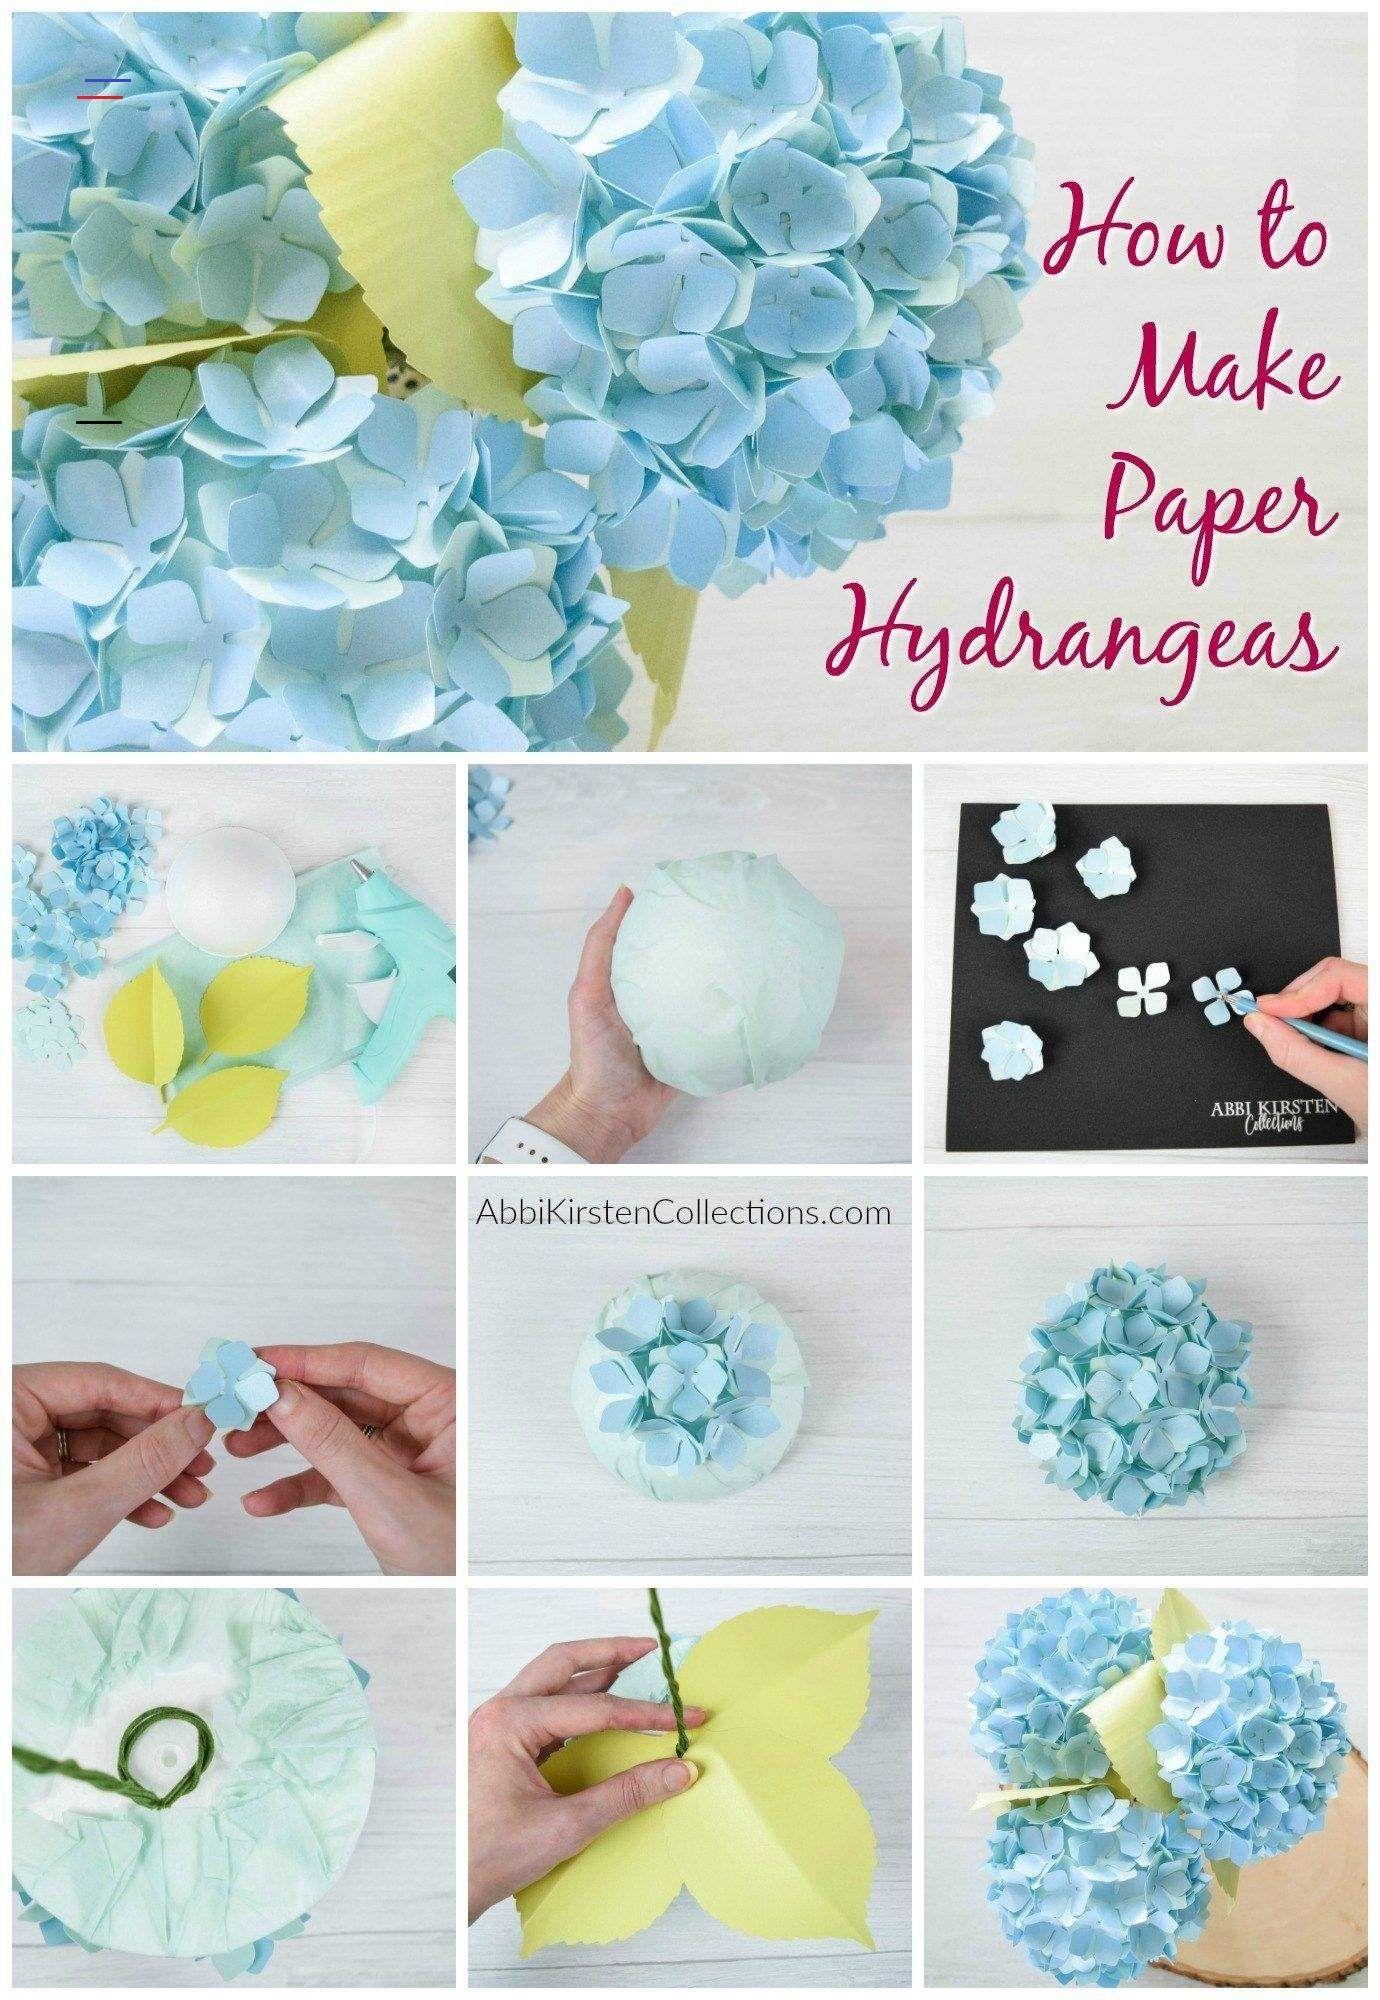 Diy Paper Hydrangea Flowers Templates And Tutorial Tissuepaperflowers Create Your Own Diy Paper Hydrangea Flowers With This Easy And Fun Flower Tutorial En 2020